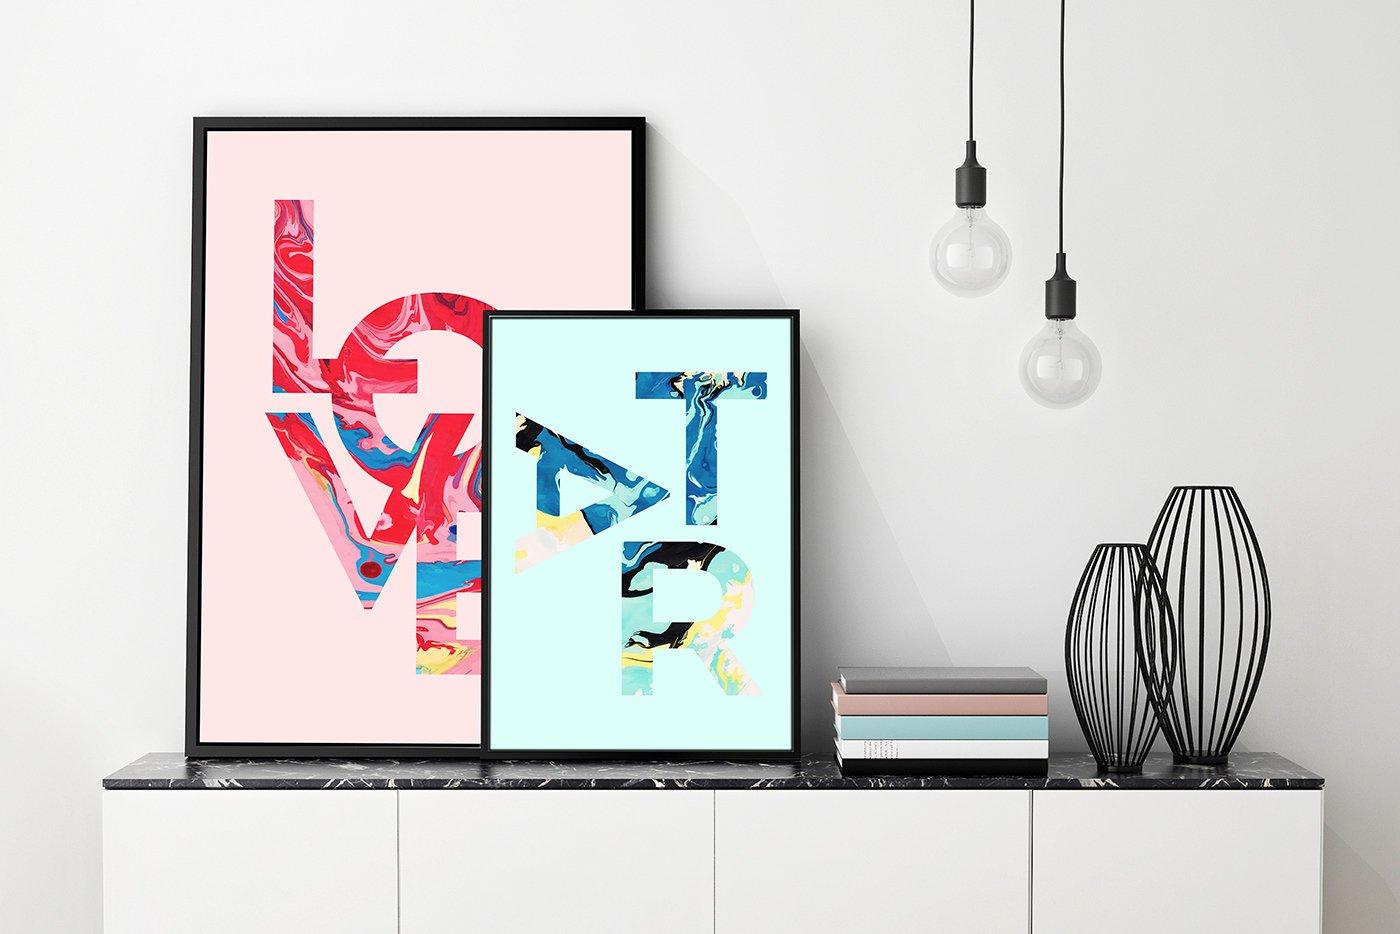 50款高清炫彩液体流动大理石装饰背景纹理图片素材 Marble Paint Textures & Backgrounds插图(3)